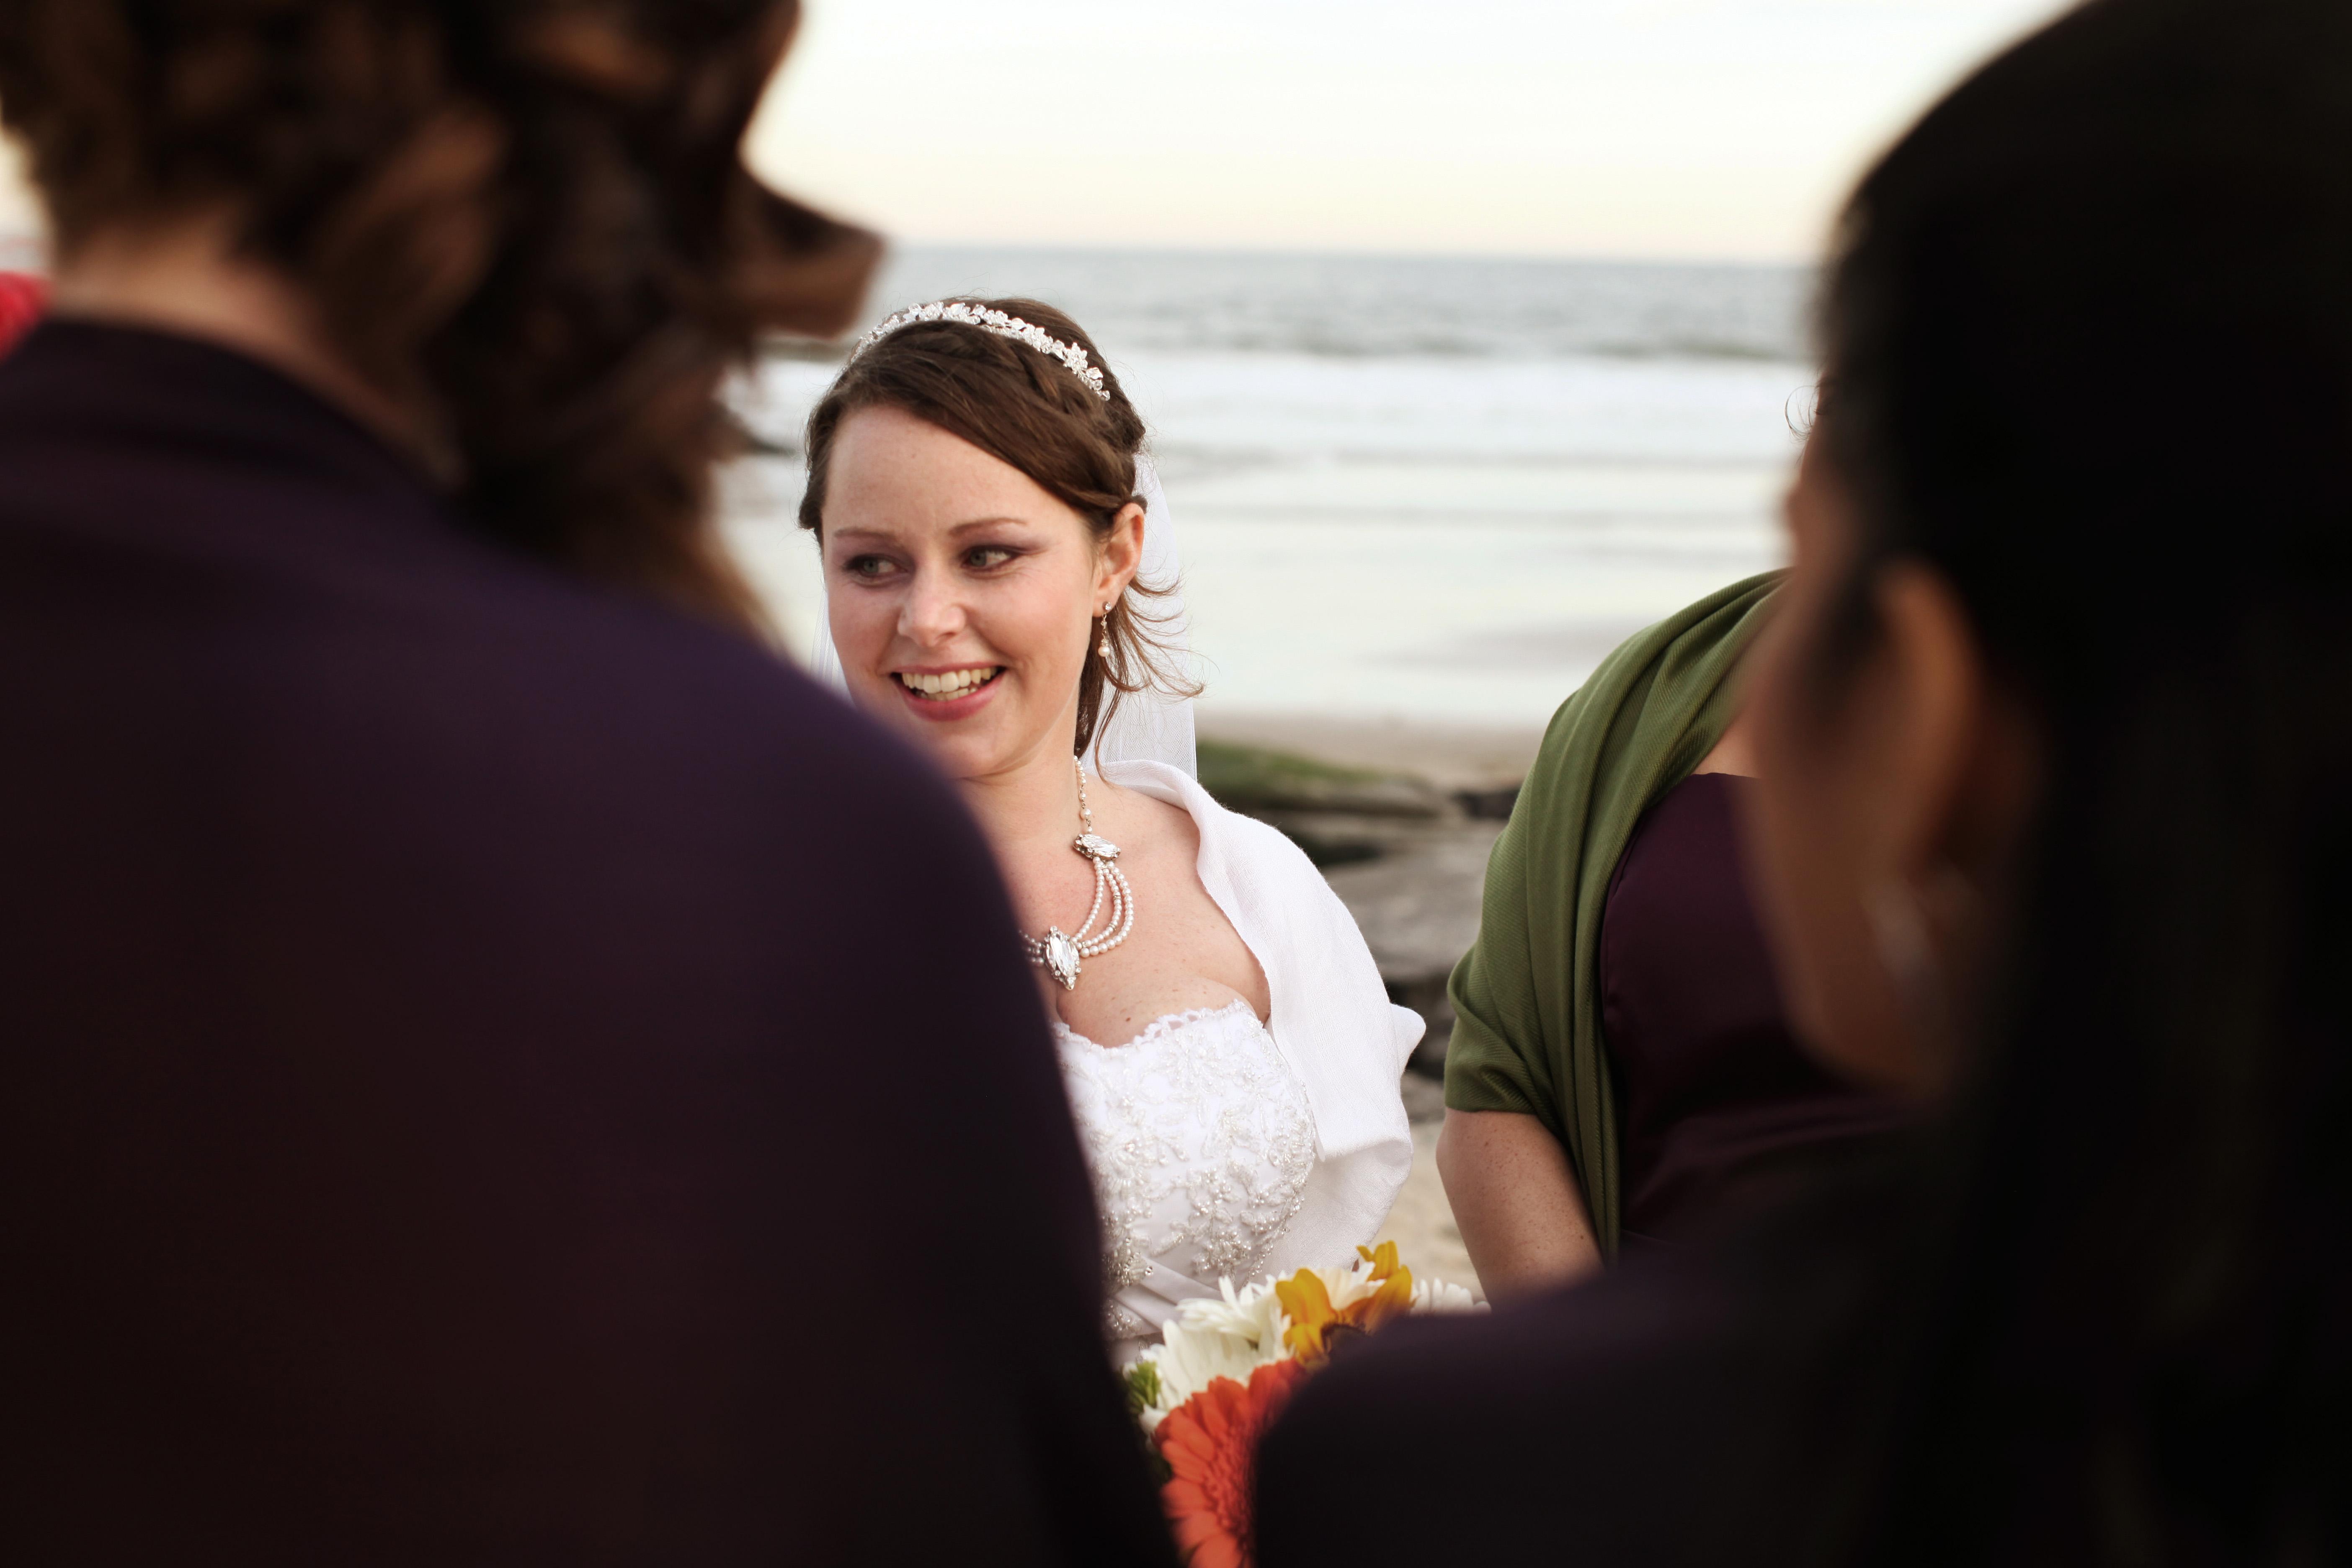 c_s_weddingflick2011_038